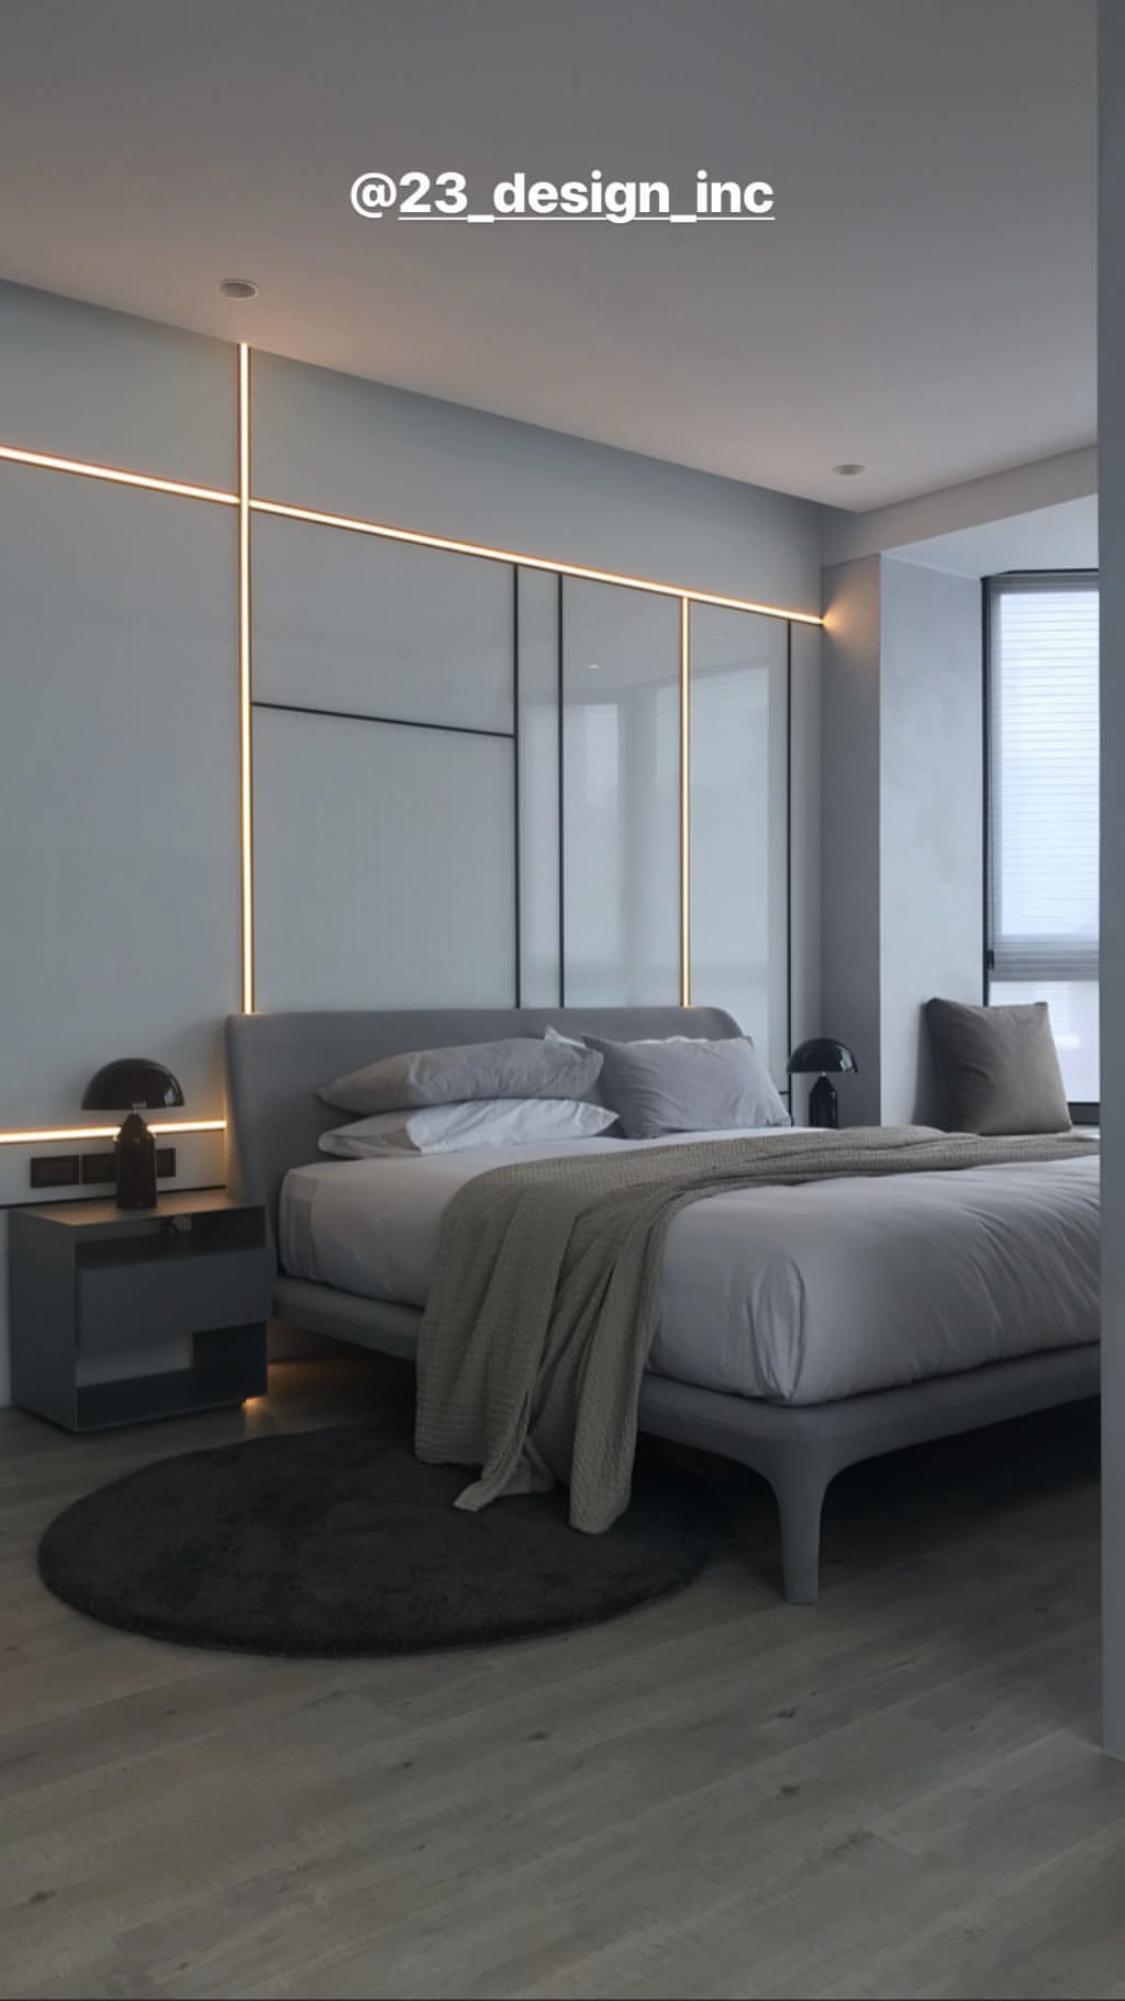 Gris Y Actual Interior Design In 2019 Classic Bedroom